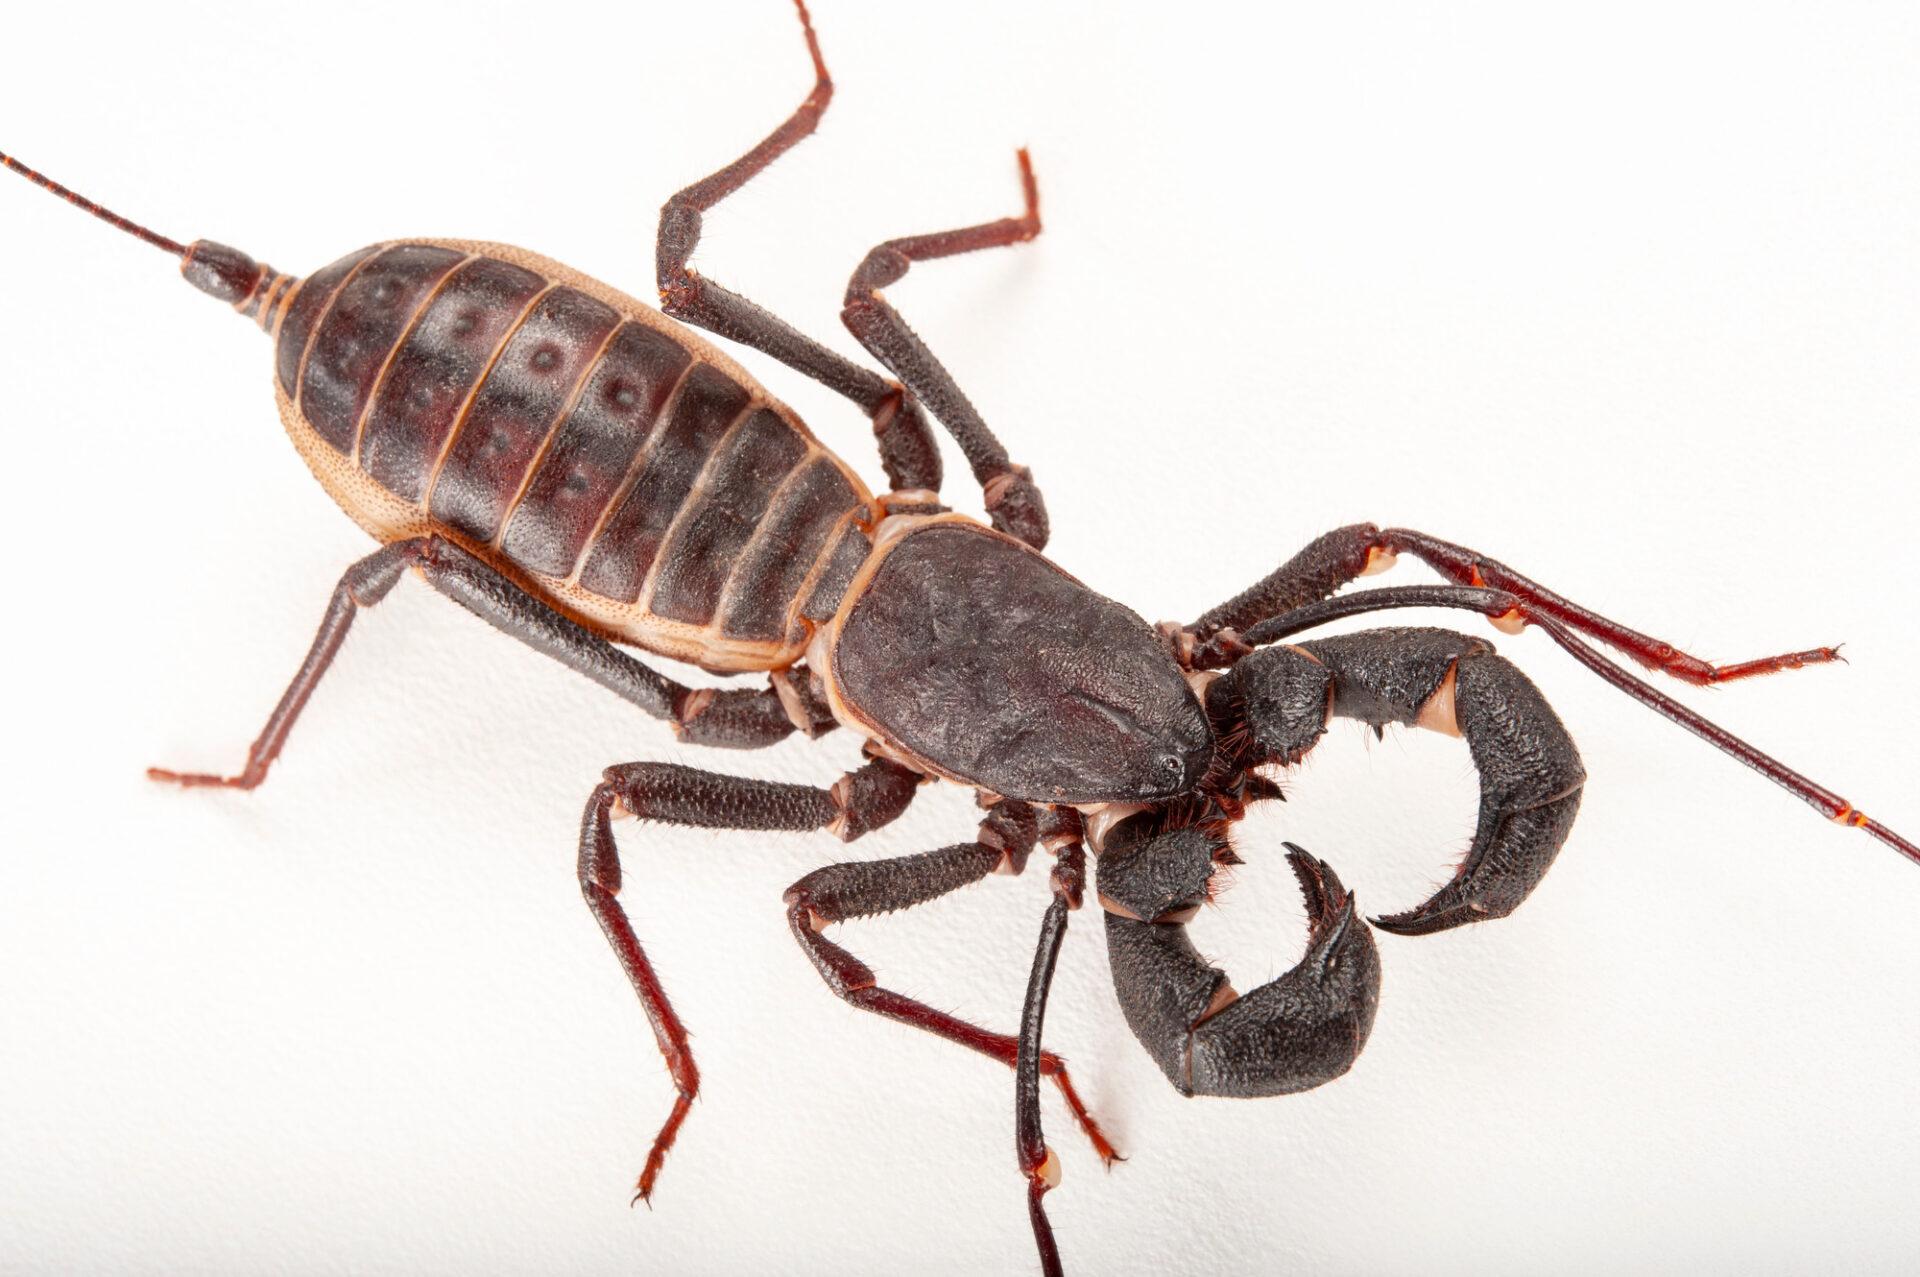 Photo: Whip scorpion (Mastigoproctus giganteus) at the Insectarium in New Orleans.